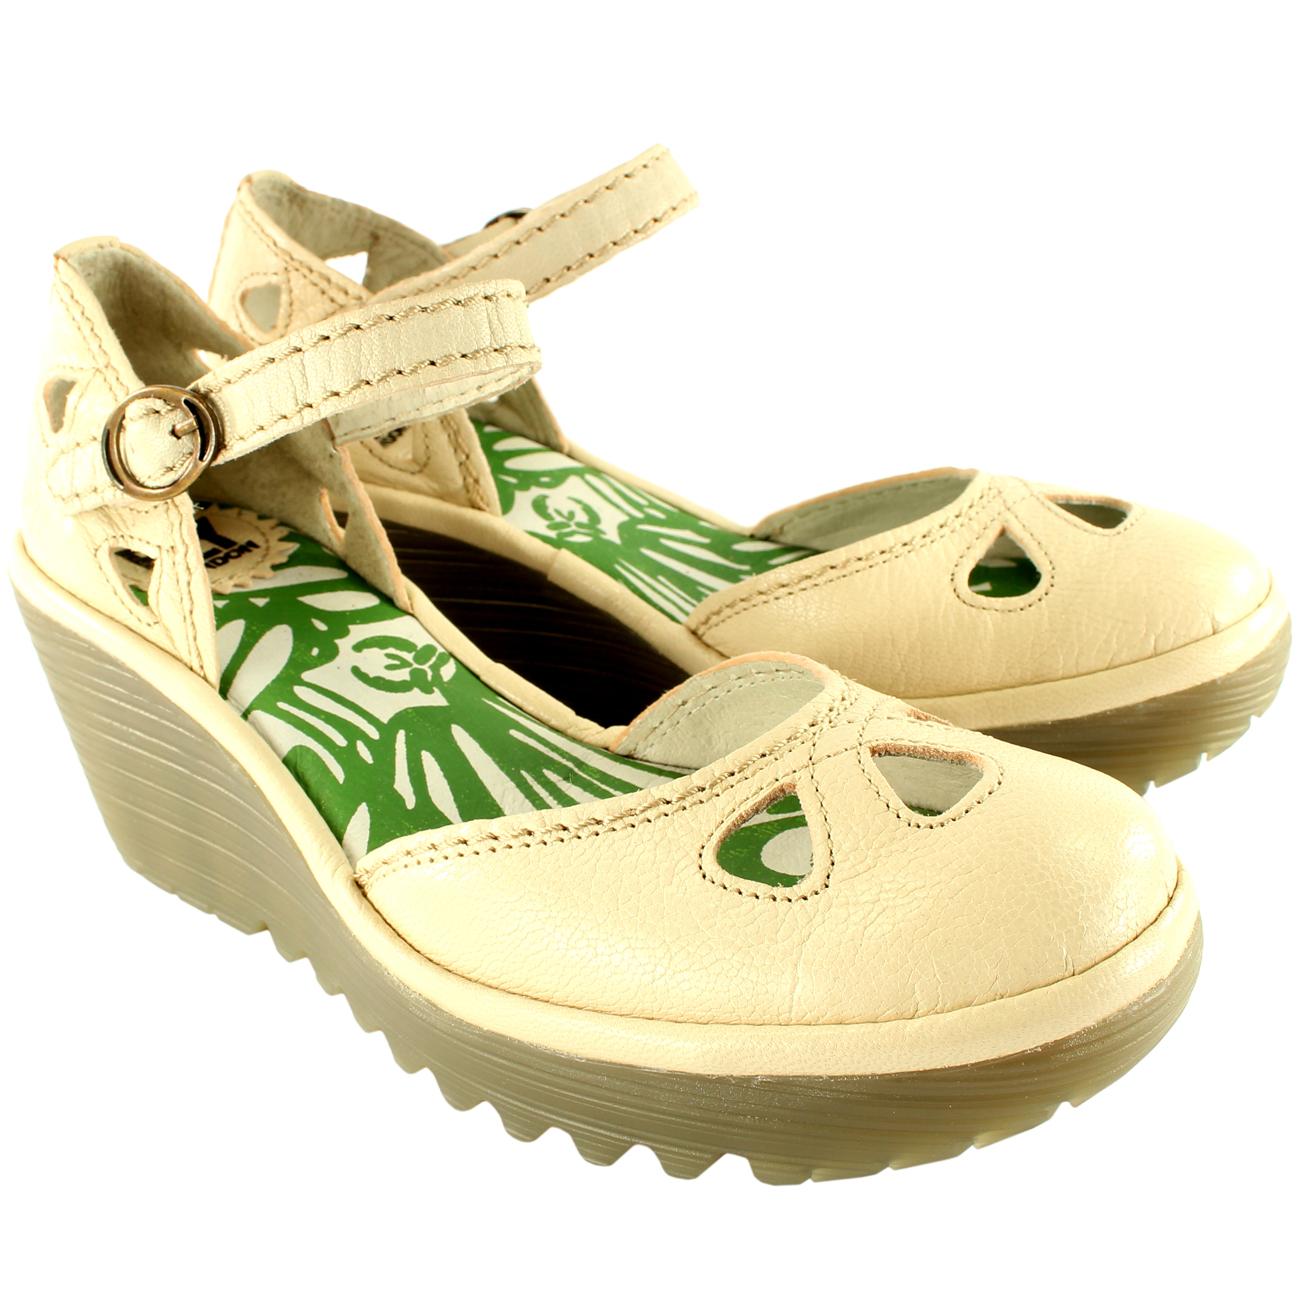 Fly London Yuna Wedge Heel Sandals